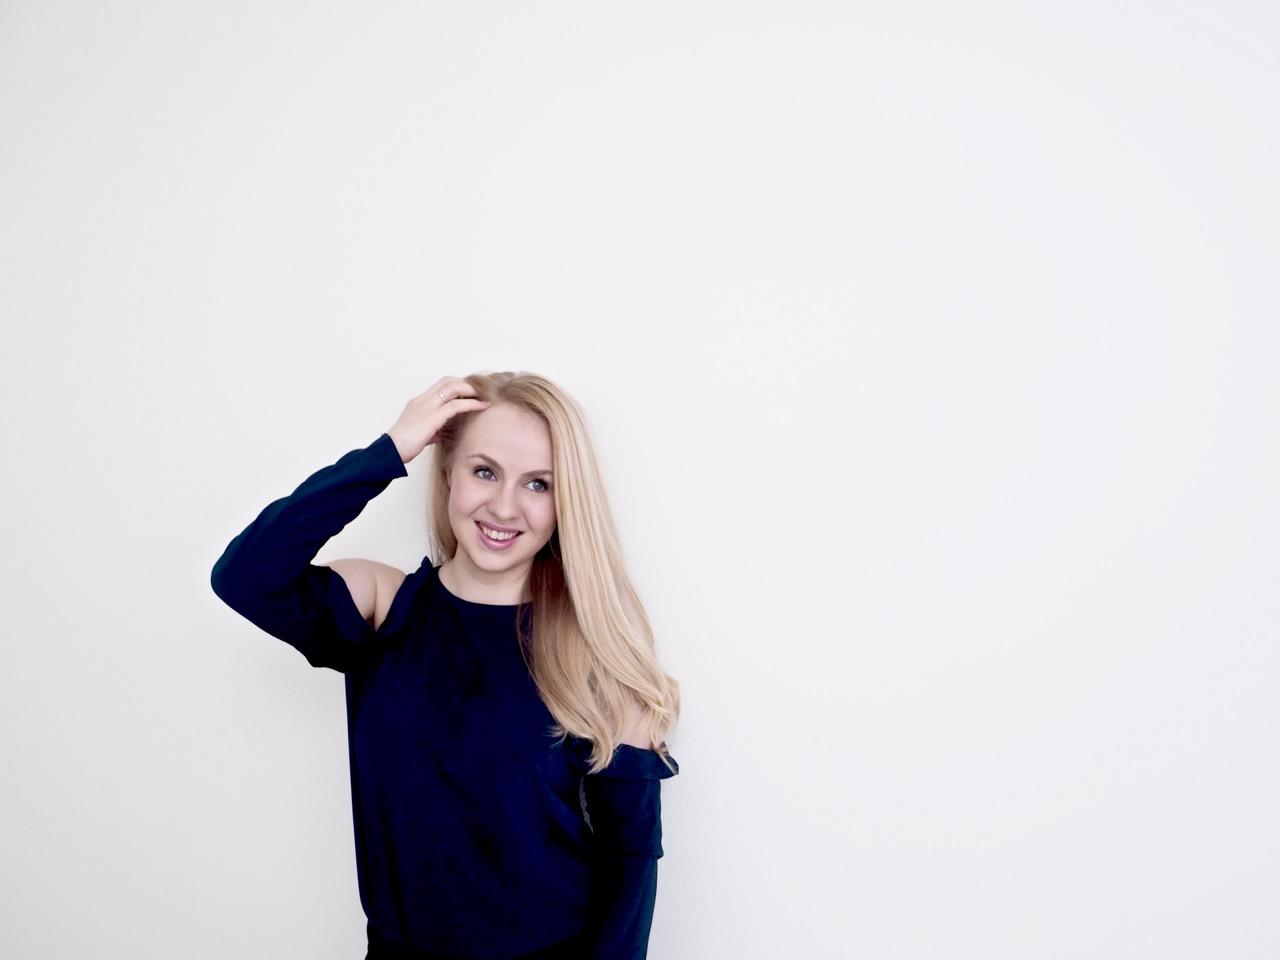 Kuinka pitkäksi tukka voi kasvaa Virve Fredman